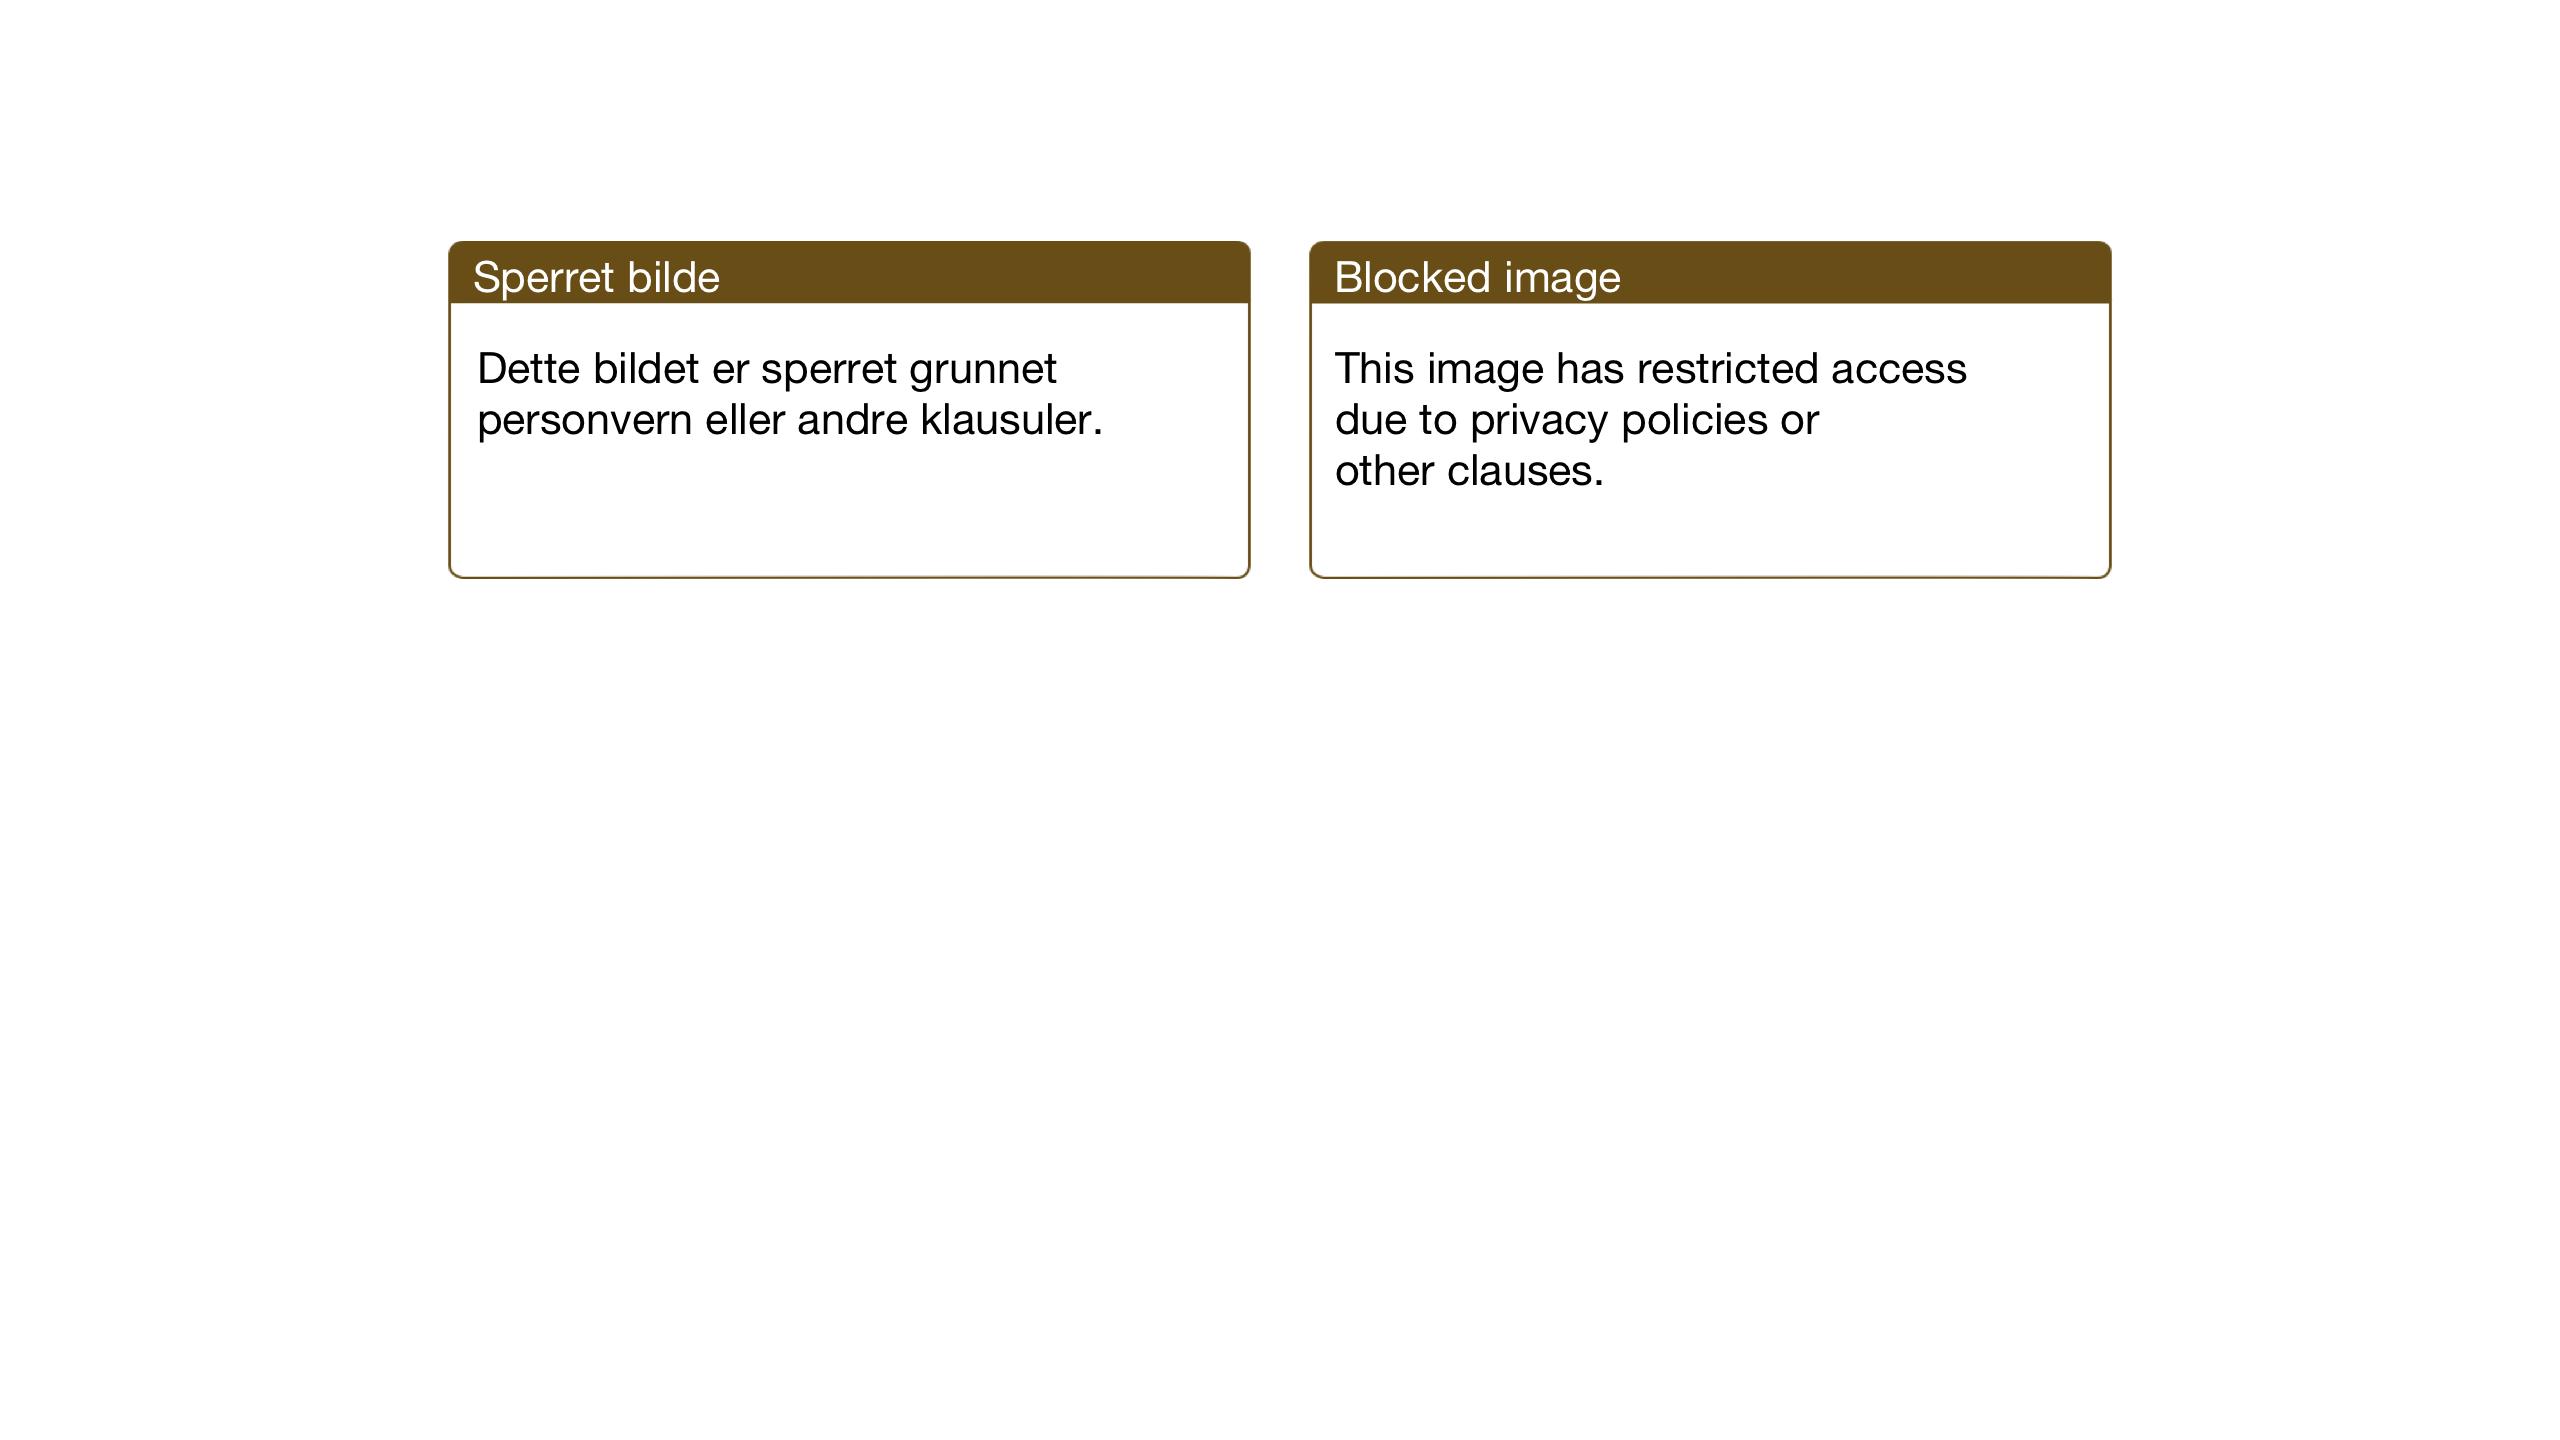 SAT, Ministerialprotokoller, klokkerbøker og fødselsregistre - Nord-Trøndelag, 770/L0592: Klokkerbok nr. 770C03, 1941-1950, s. 150